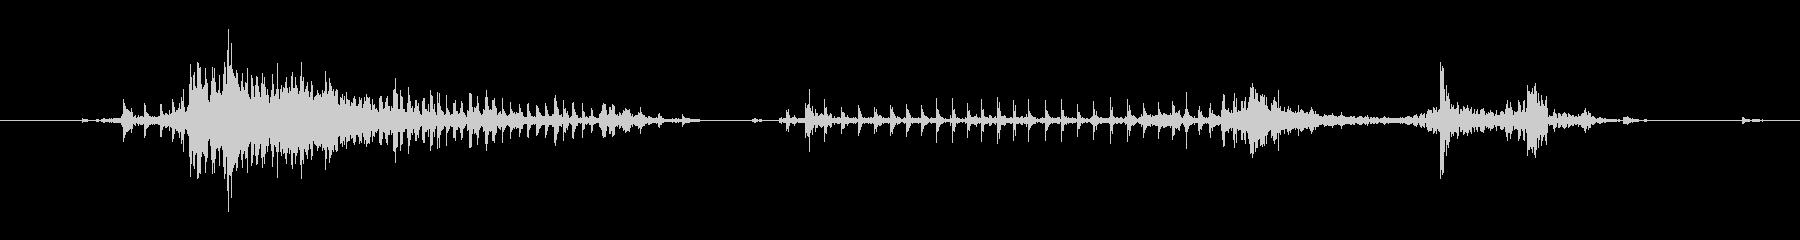 メカニカル Mechanics S...の未再生の波形